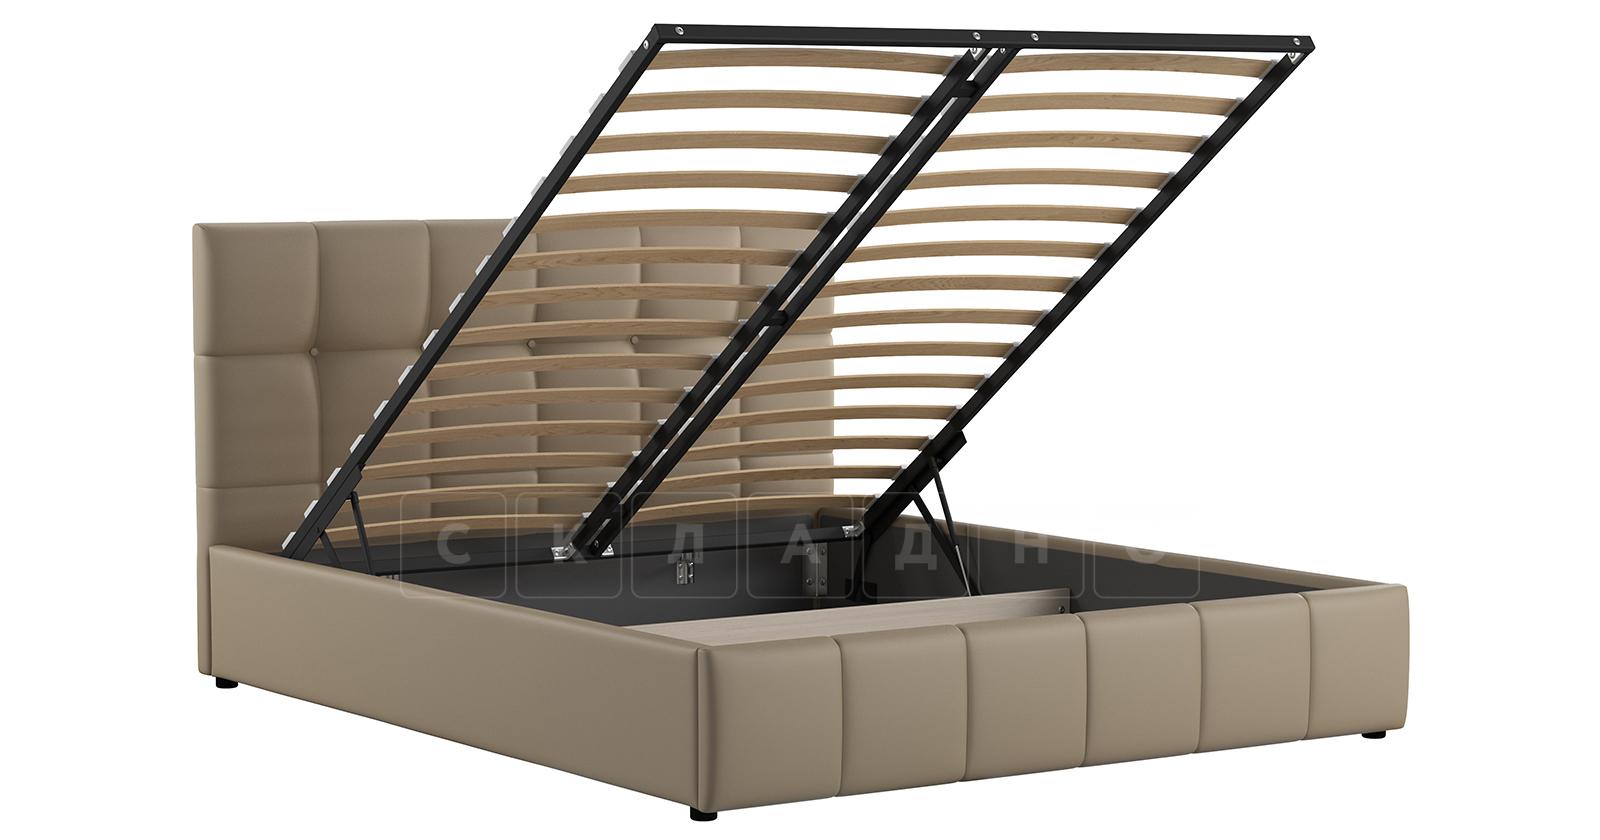 Мягкая кровать Хлоя 160 см капучино с подъемным механизмом фото 2 | интернет-магазин Складно